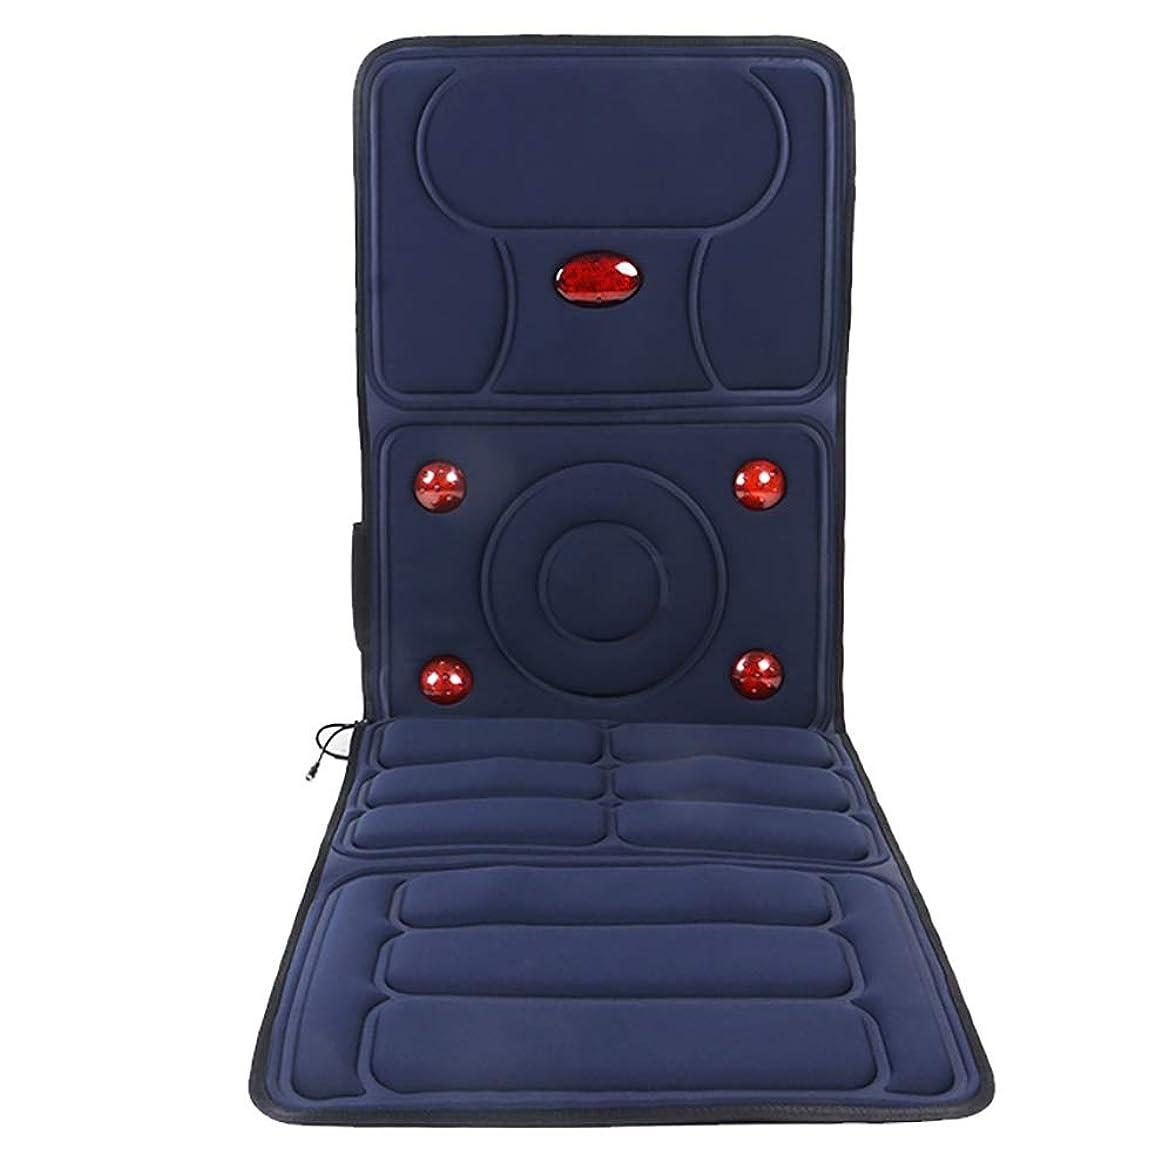 スパークに変わる盆地全身マッサージマットマットレス - ベッドマッサージパッドクッションパーツの通販なら| ヒーテッドマッサージャー 肩や背中の痛み、家やオフィスの椅子の使用のための電気ボディマッサージからのストレスや緊張を和らげます